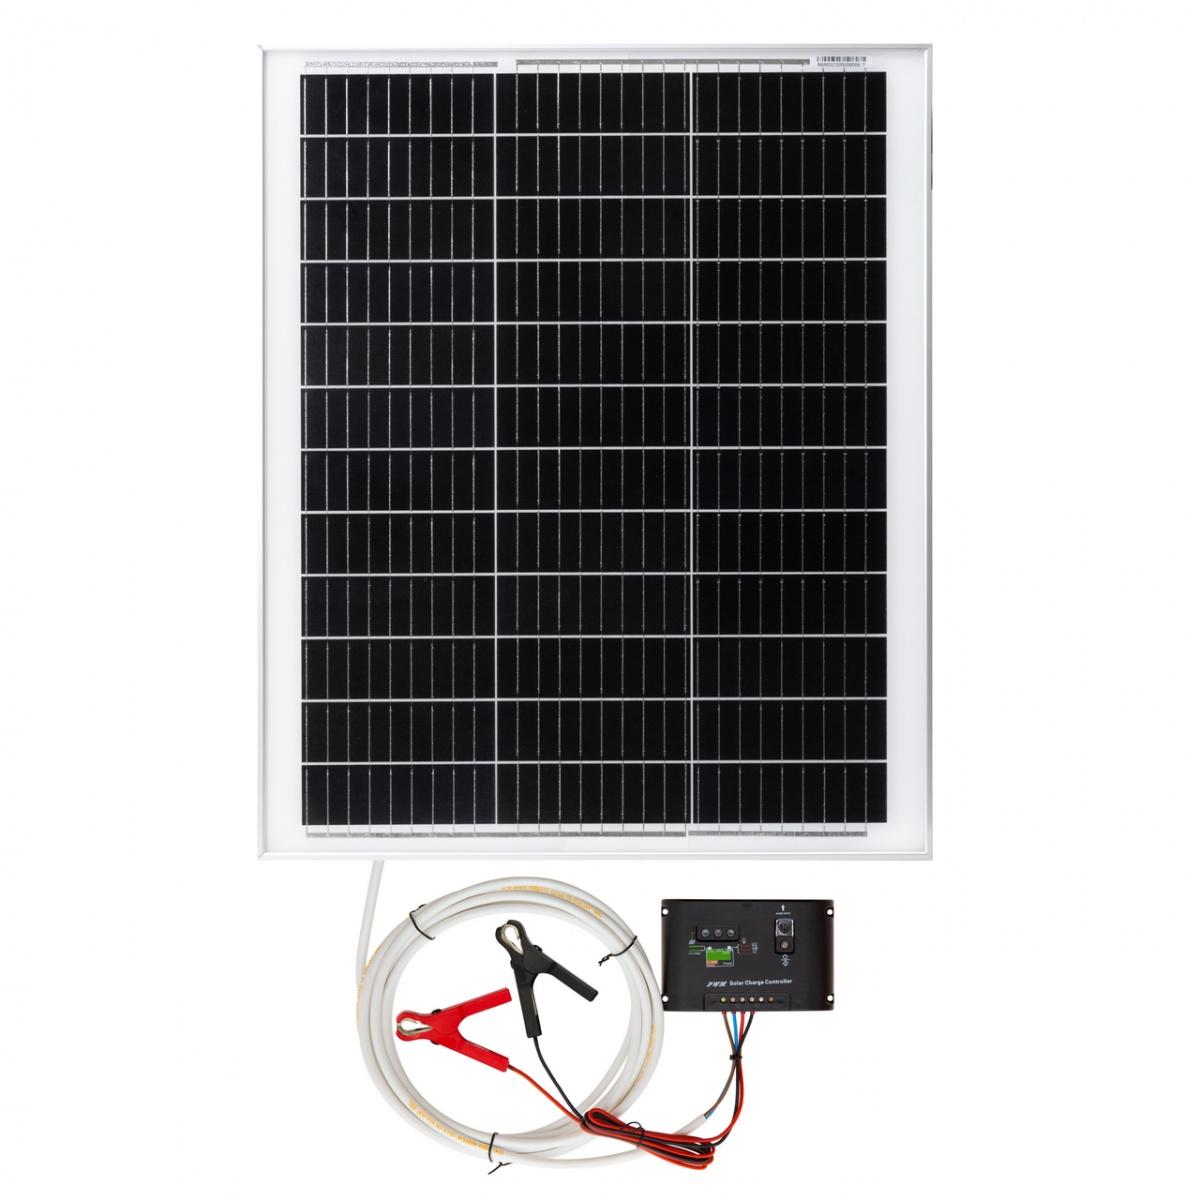 Panou solar monocristalin 50W cu regulator de încărcare